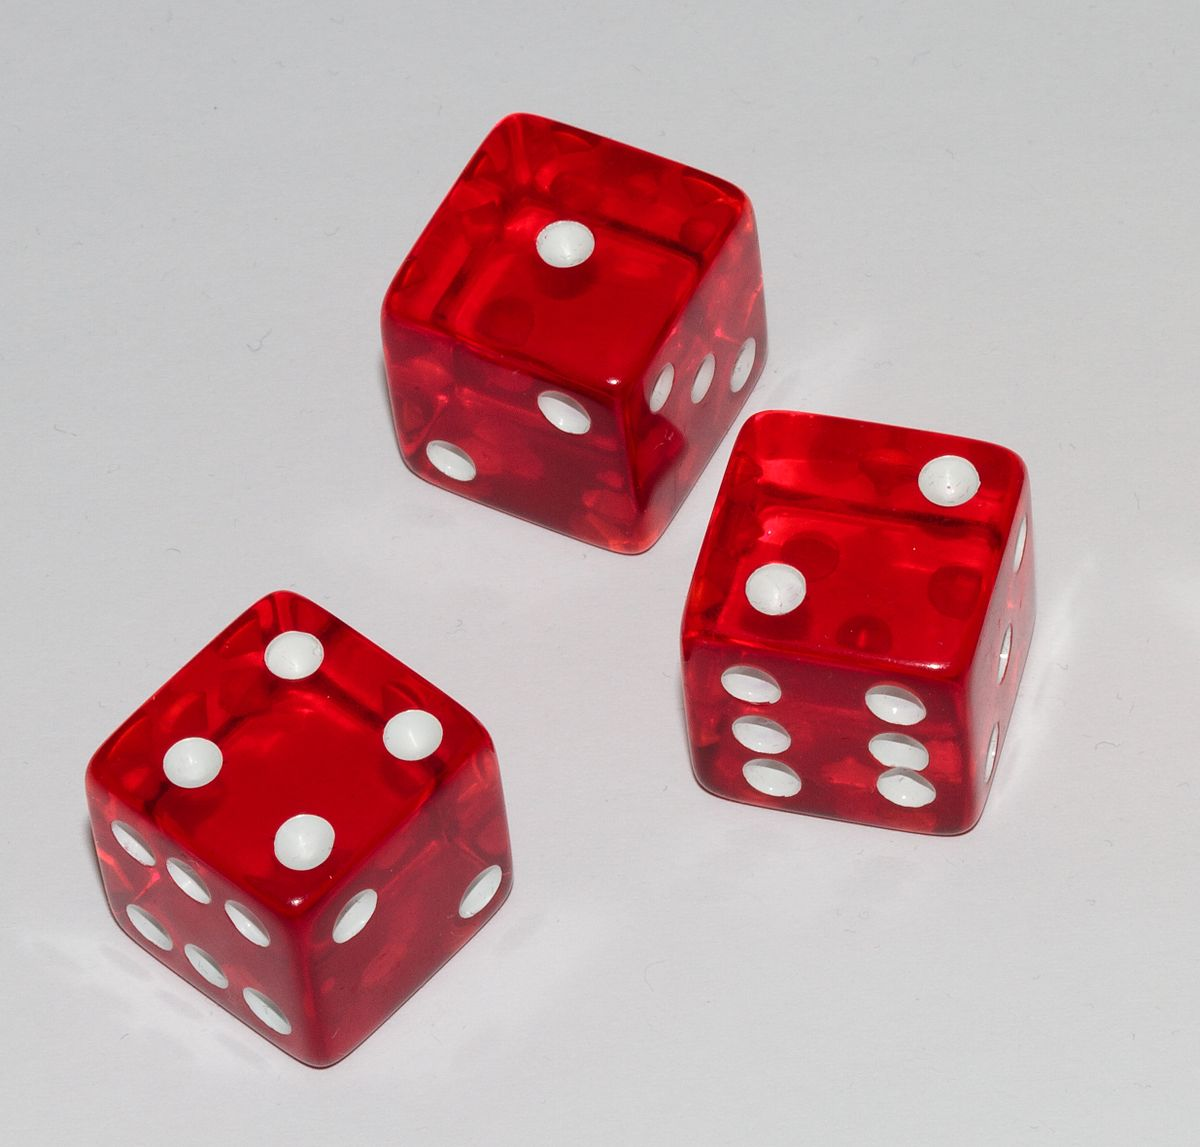 Crag (dice game)